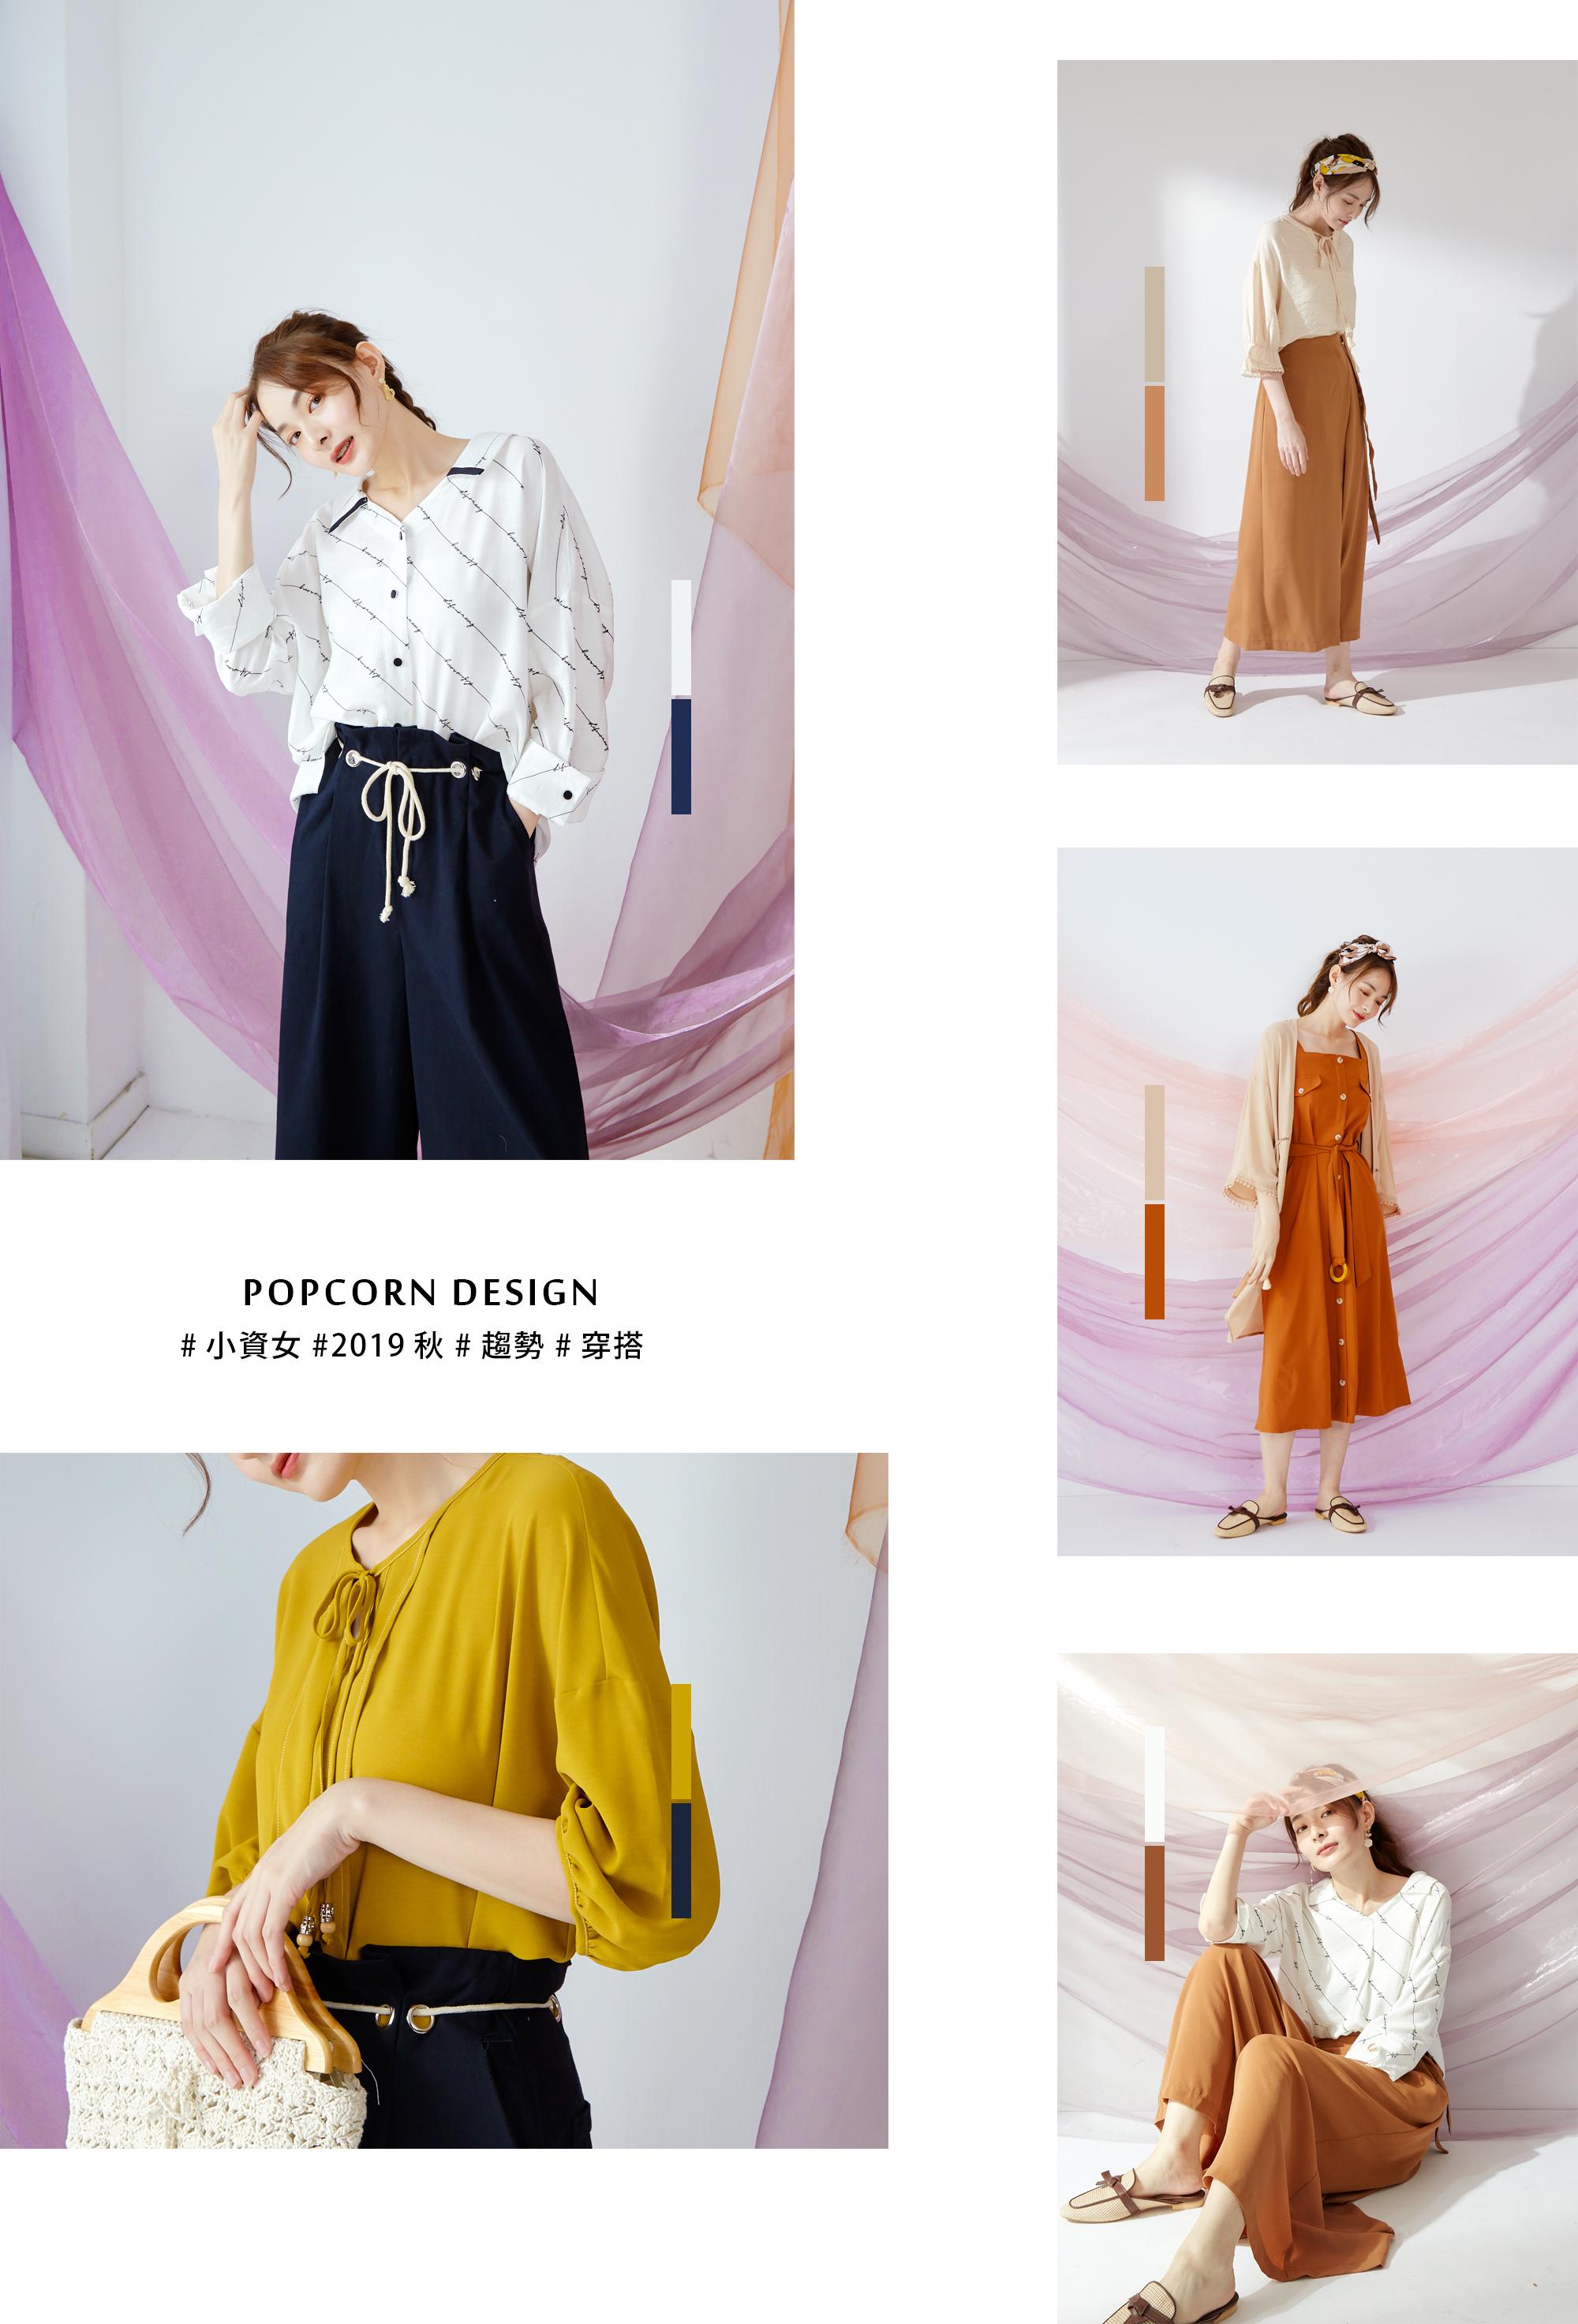 小資女,穿搭,秋天,服飾,韓國,韓系,設計,設計單品,設計款,獨家設計